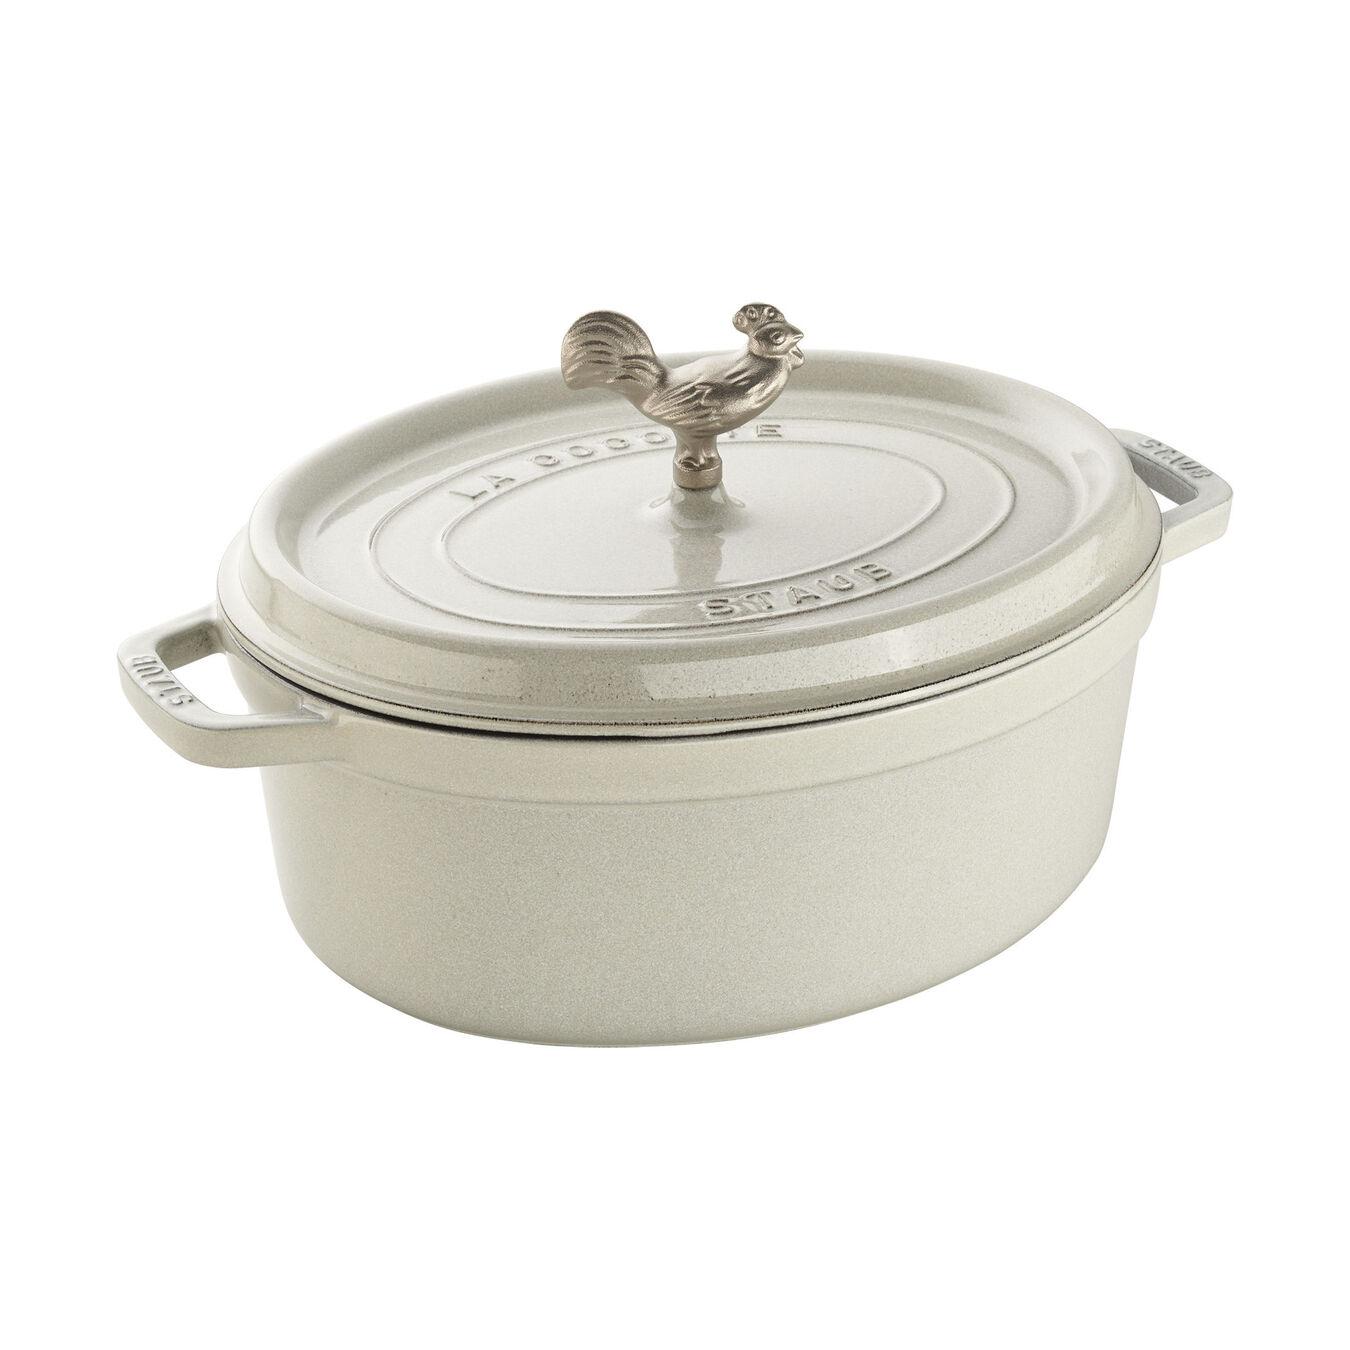 2.5 qt, La Coquette with lid, white,,large 1